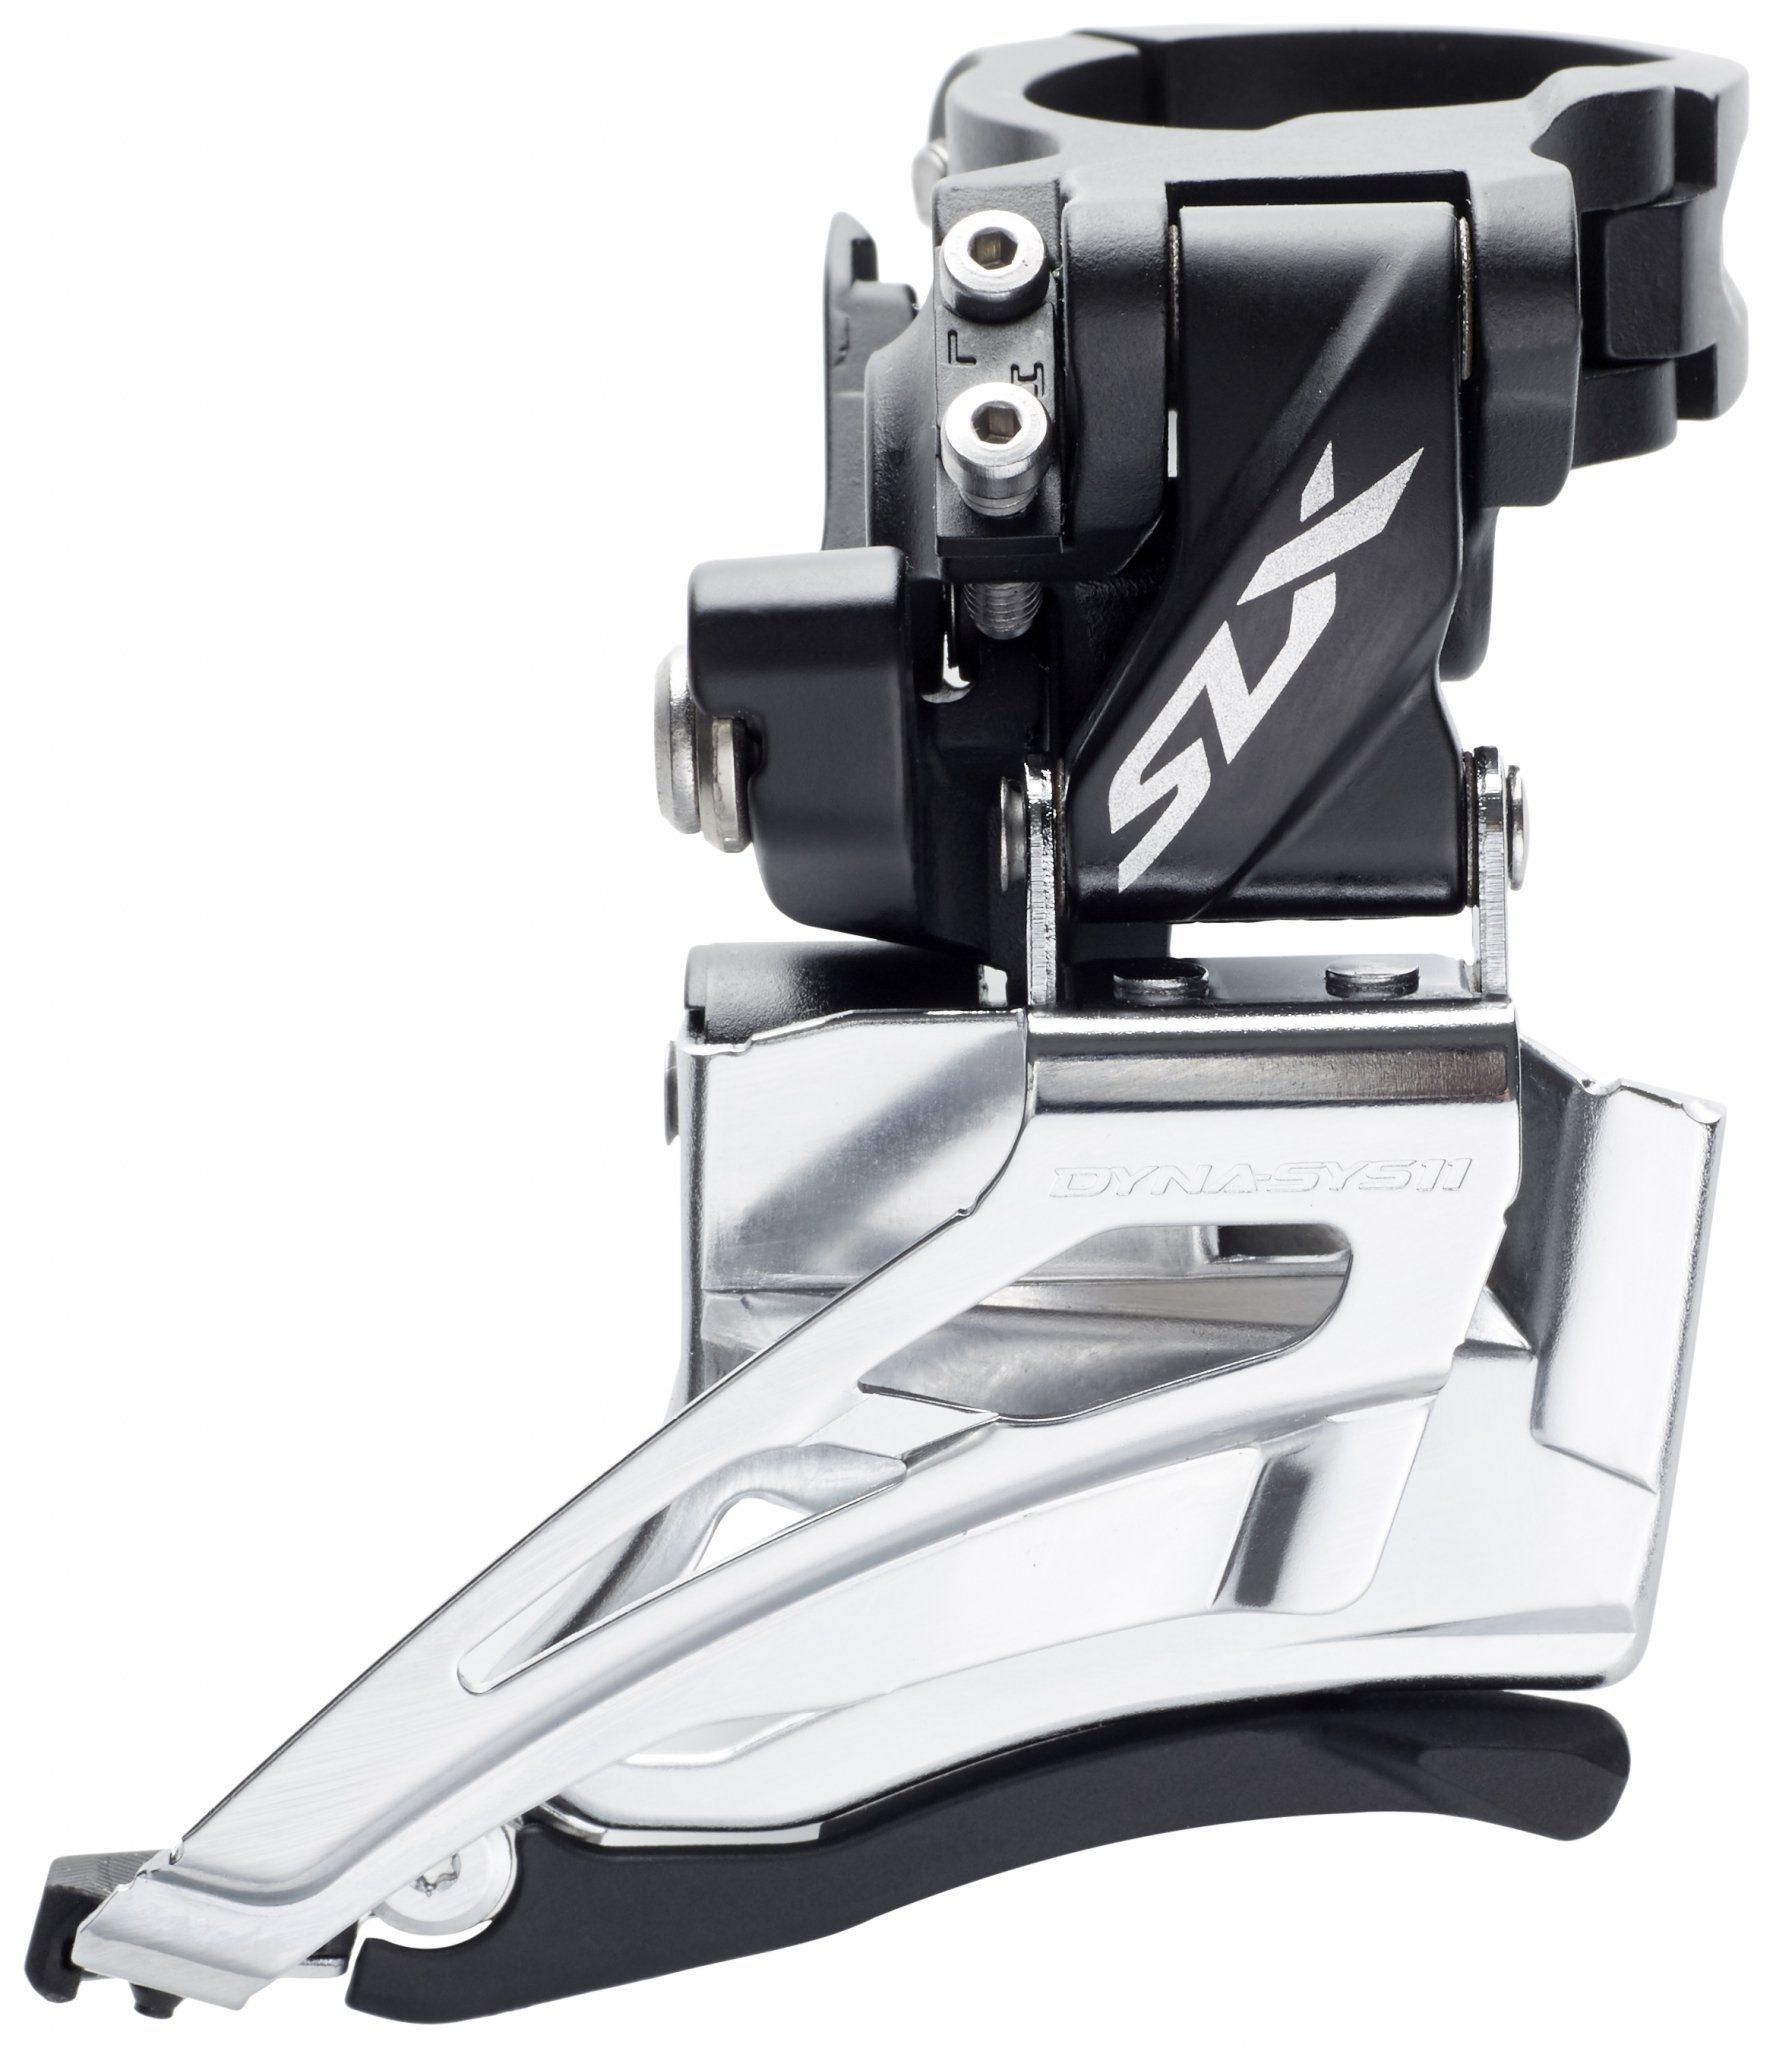 Shimano Schaltung »SLX FD-M7025 Umwerfer Schelle hoch 2x11 Down Swing«